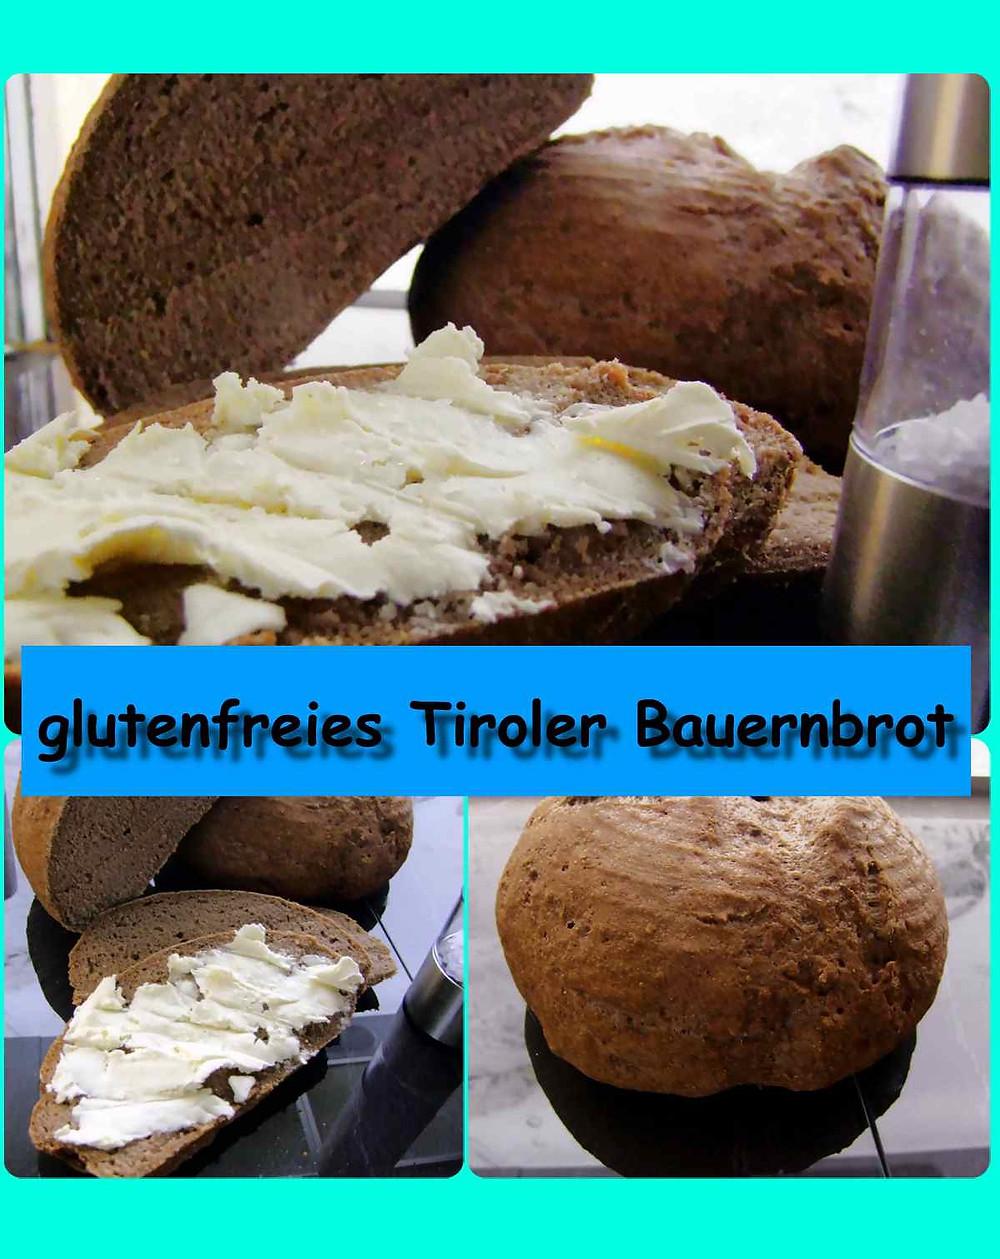 glutenfreies Tiroler Bauernbrot